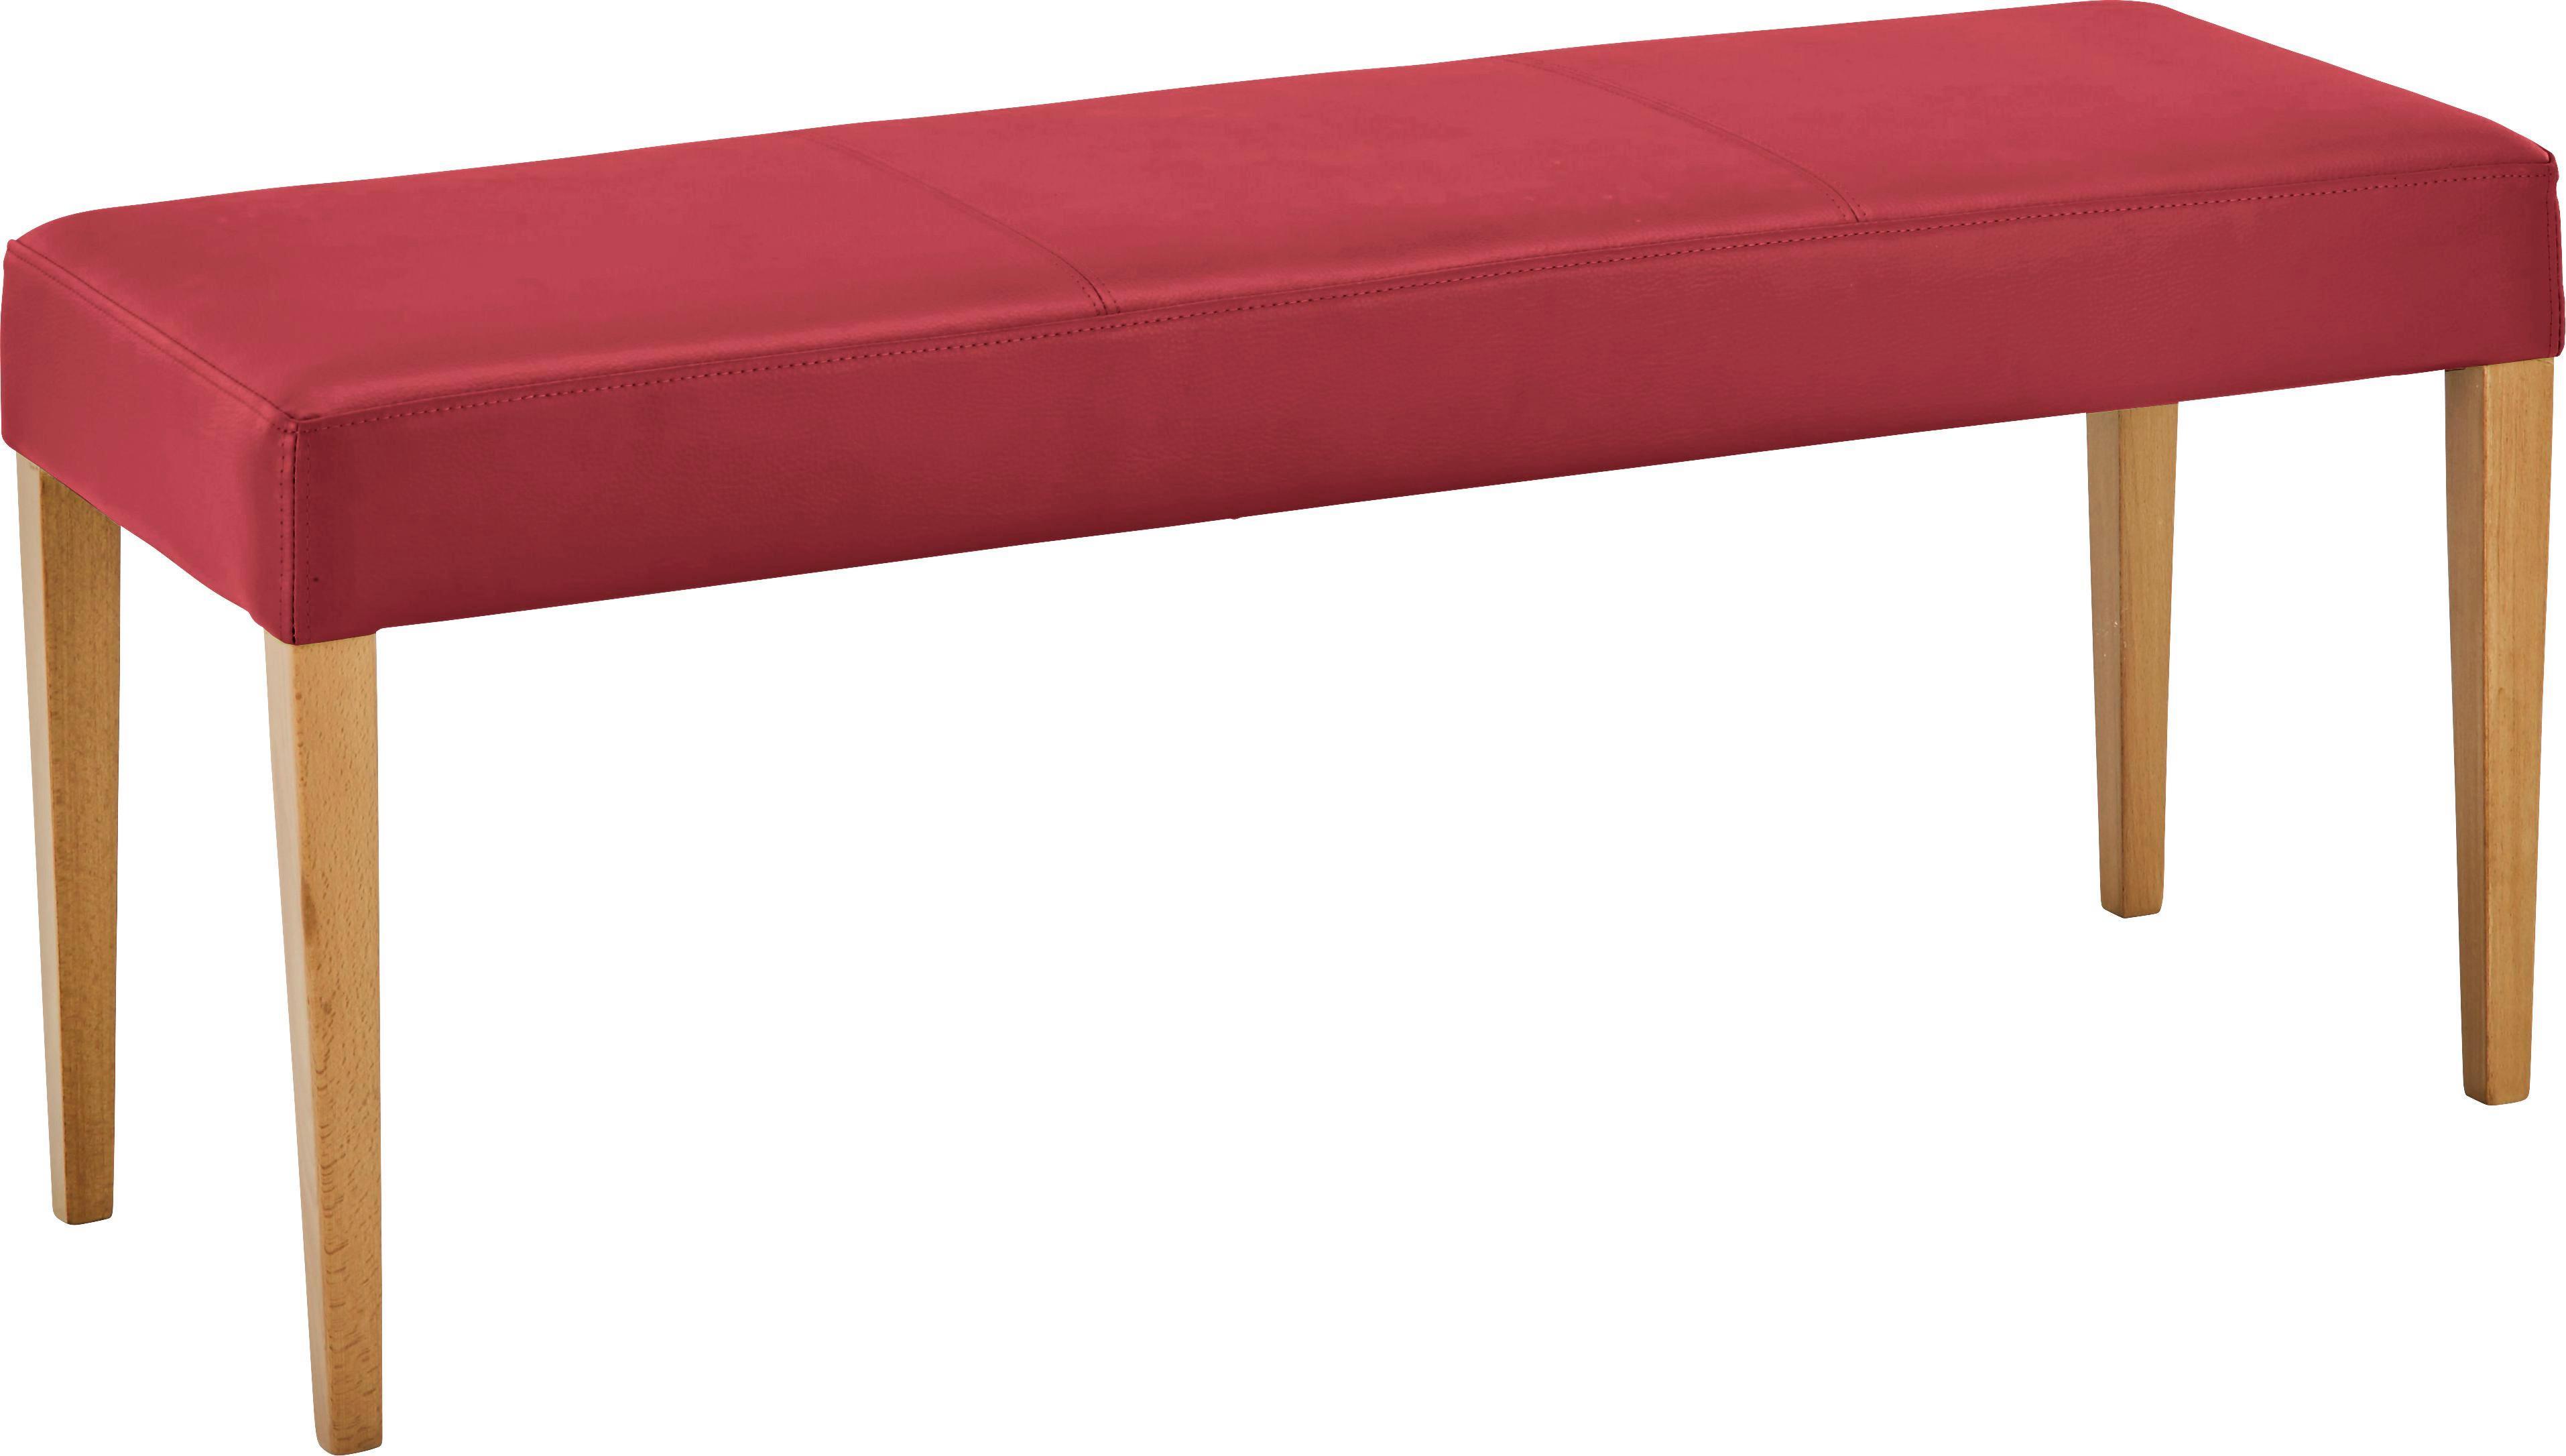 Sitzbank Rot Buche   Buchefarben/Dunkelrot, MODERN, Holz/Textil (120/